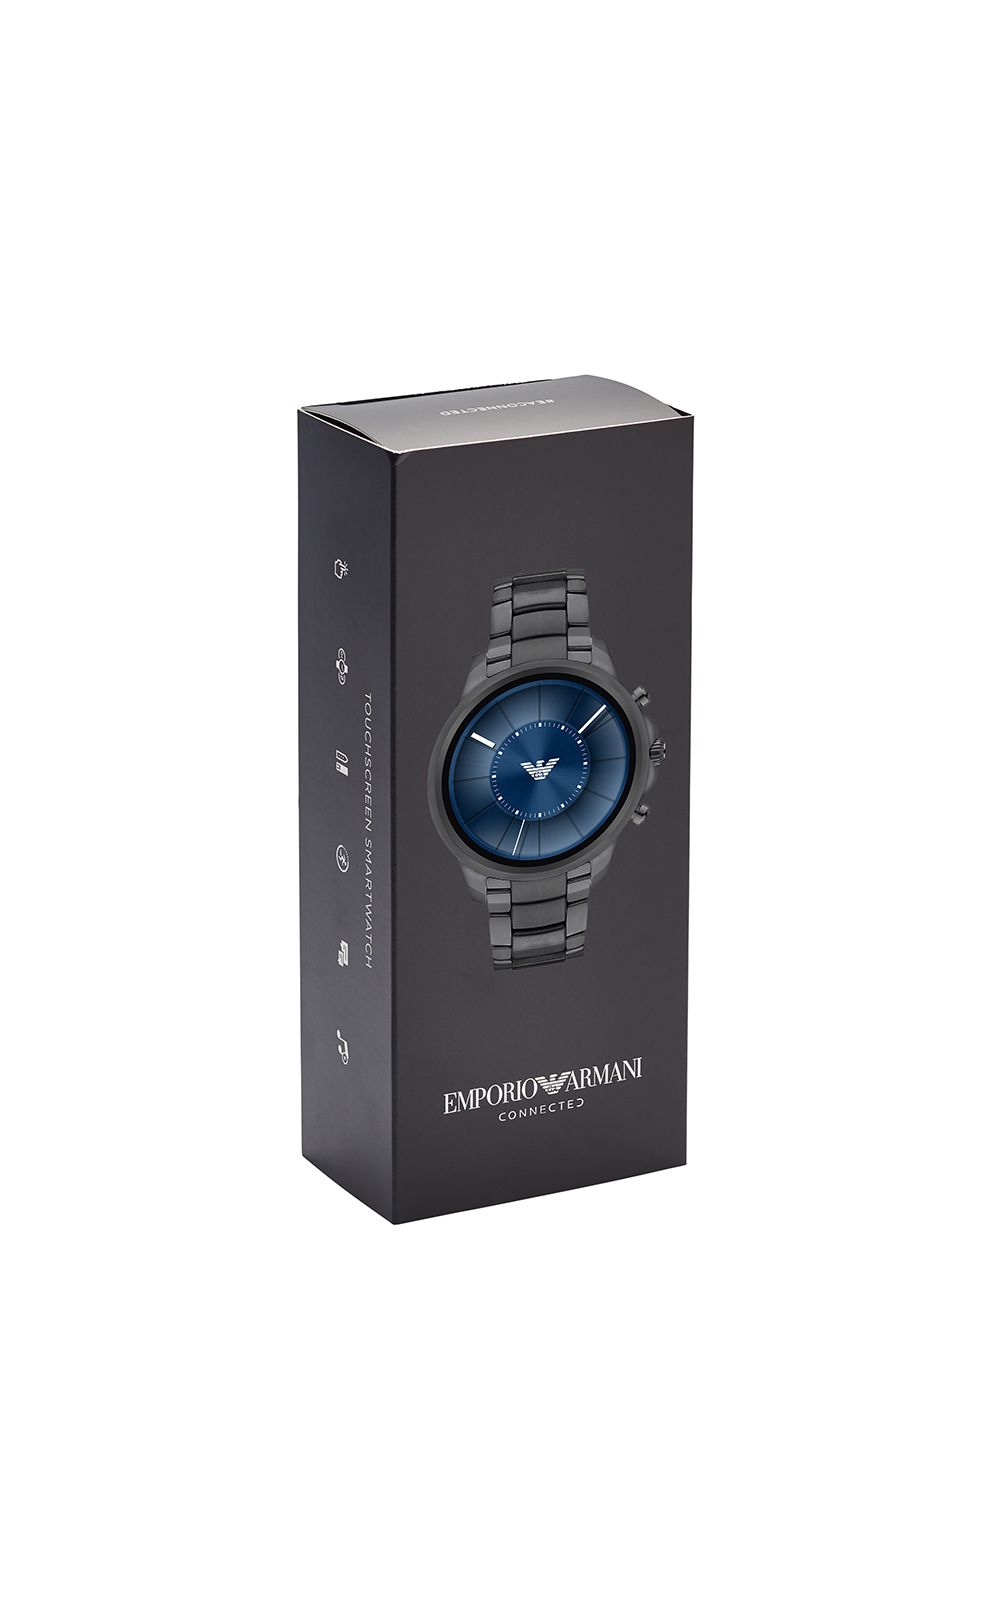 Foto 6 - Smartwatch Emporio Armani Masculino Grafite - ART5005/1FI